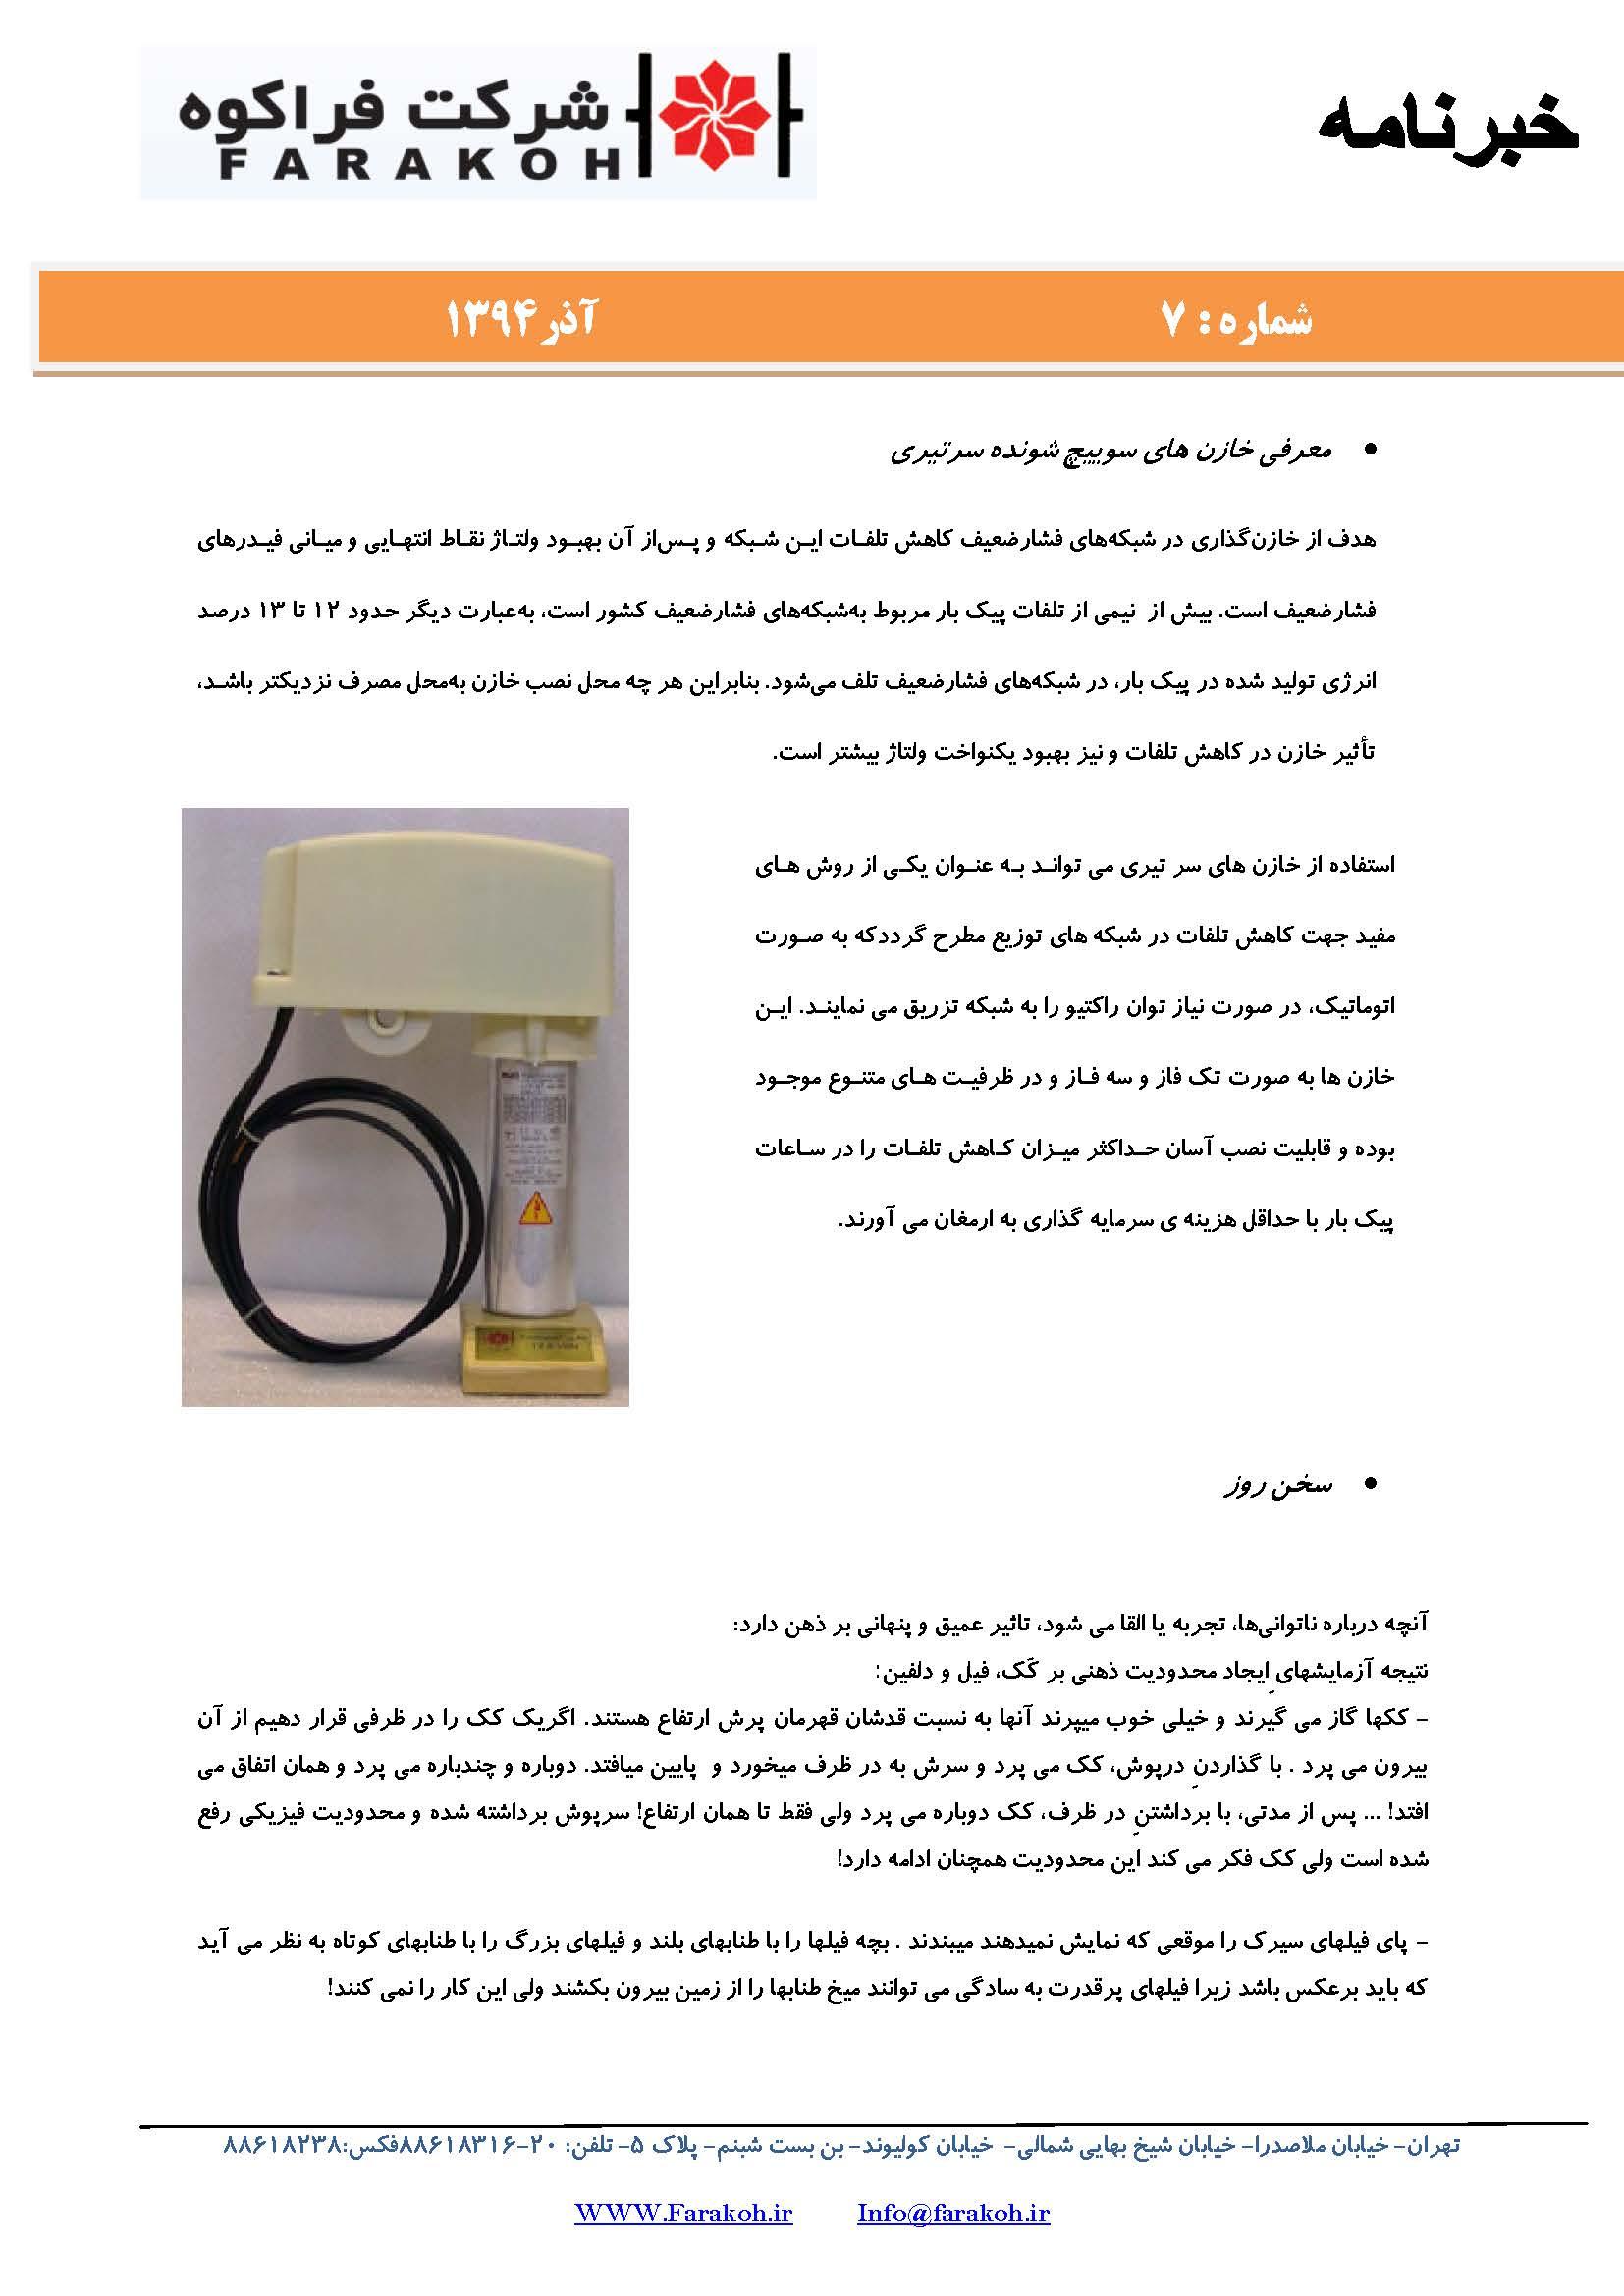 خبرنامه-شماره-۷_Page_3